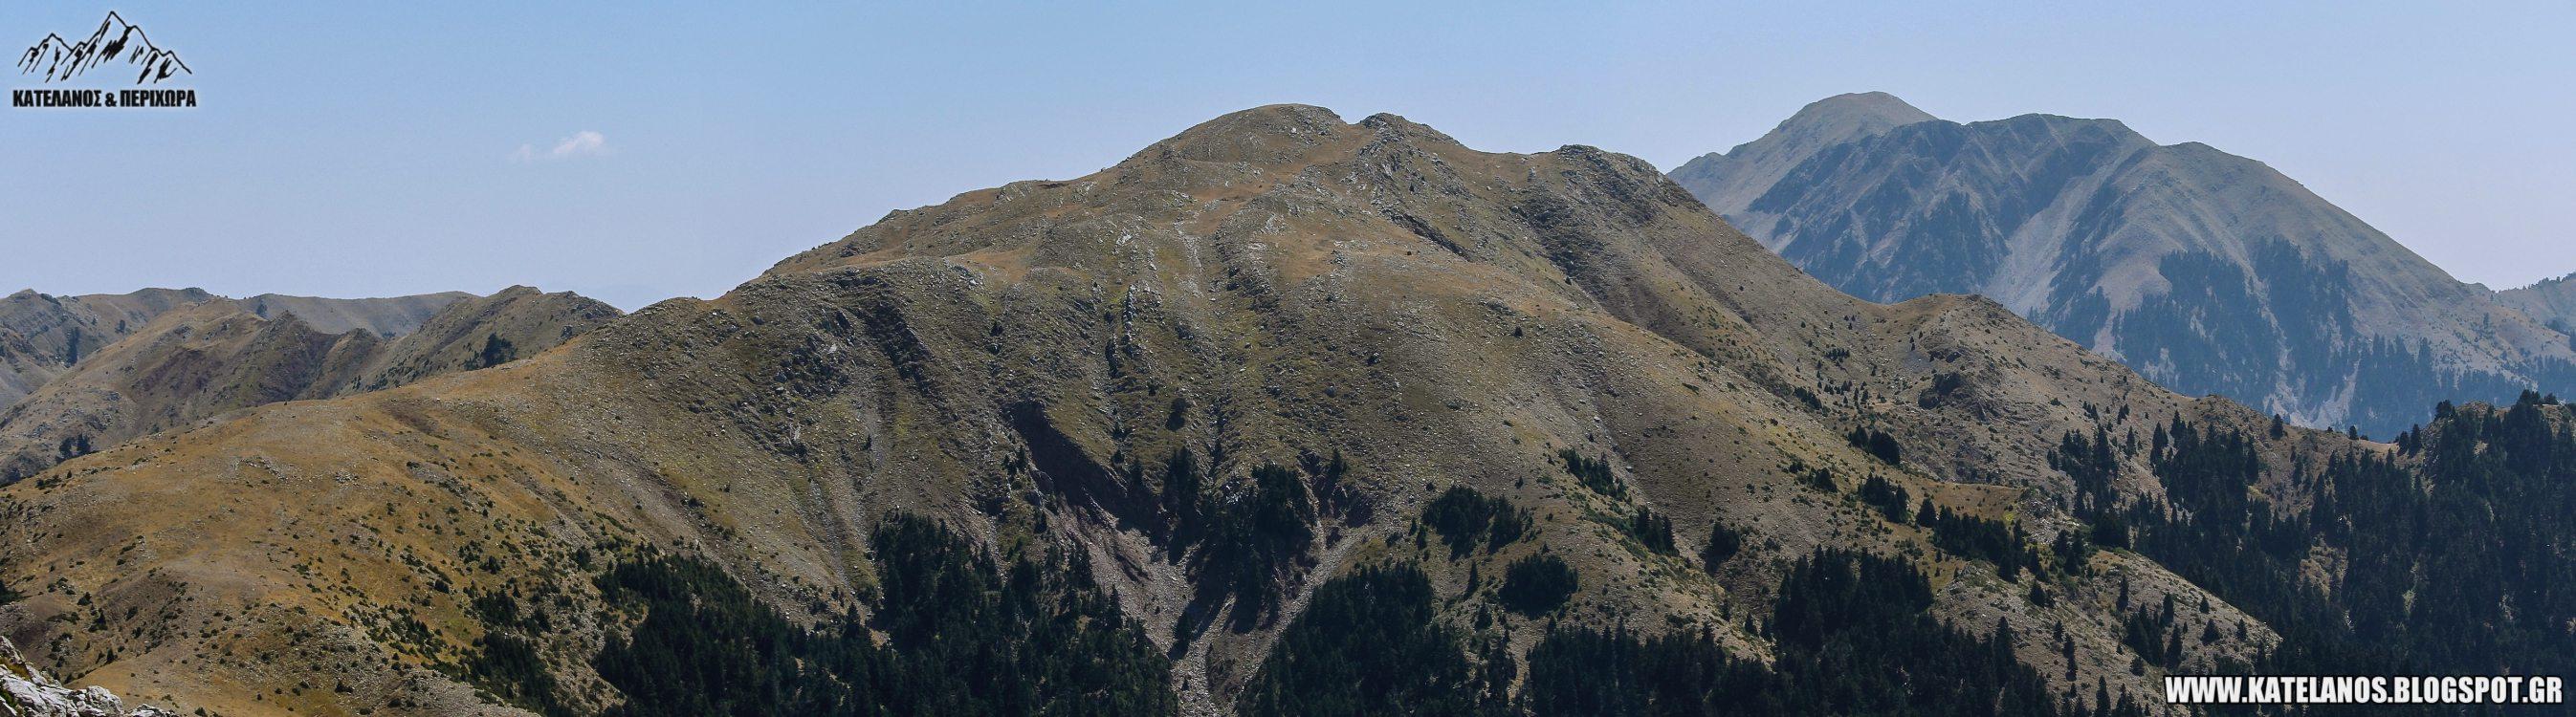 summit katavothra mount panaitoliko katelanos καταβοθρα παναιτωλικου